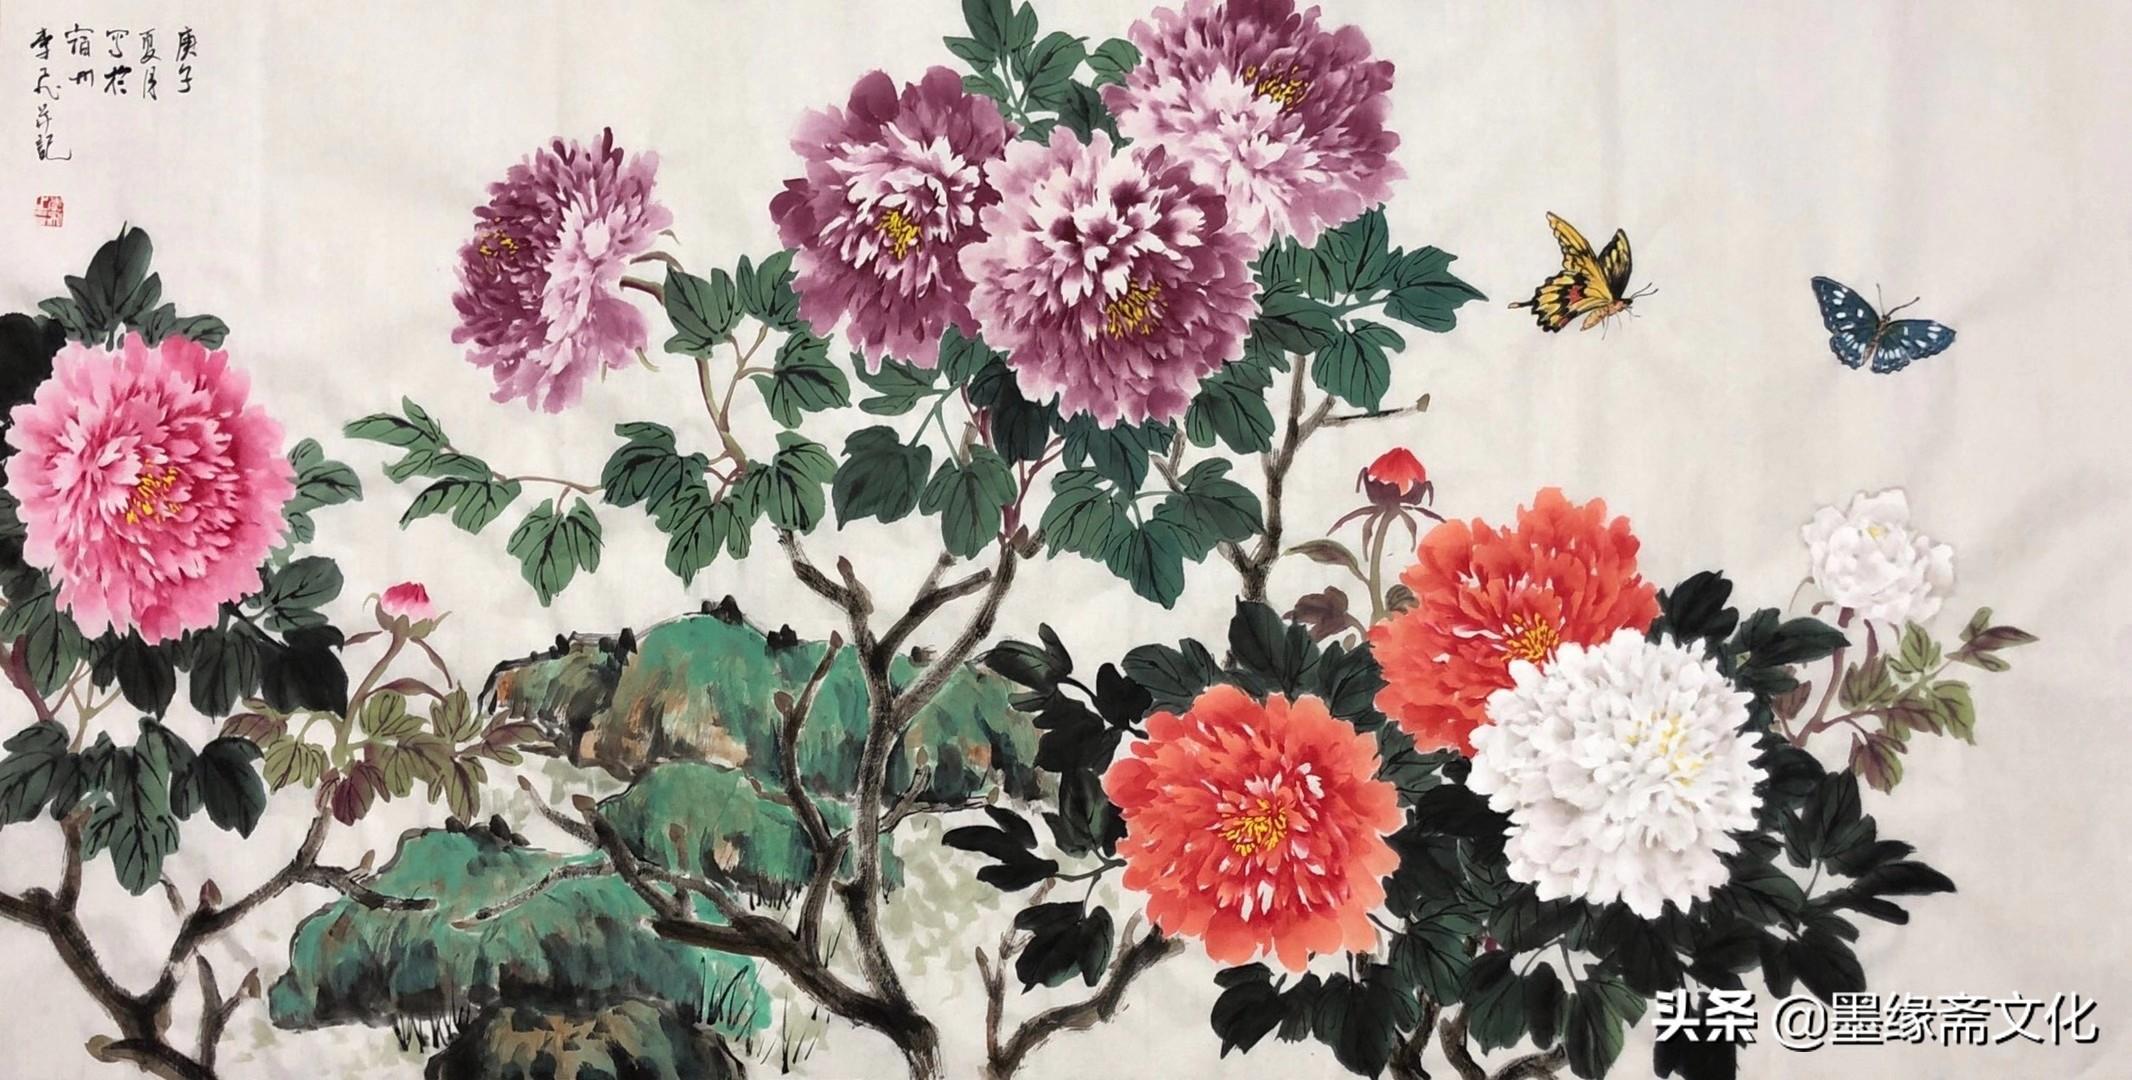 李飞国画作品欣赏